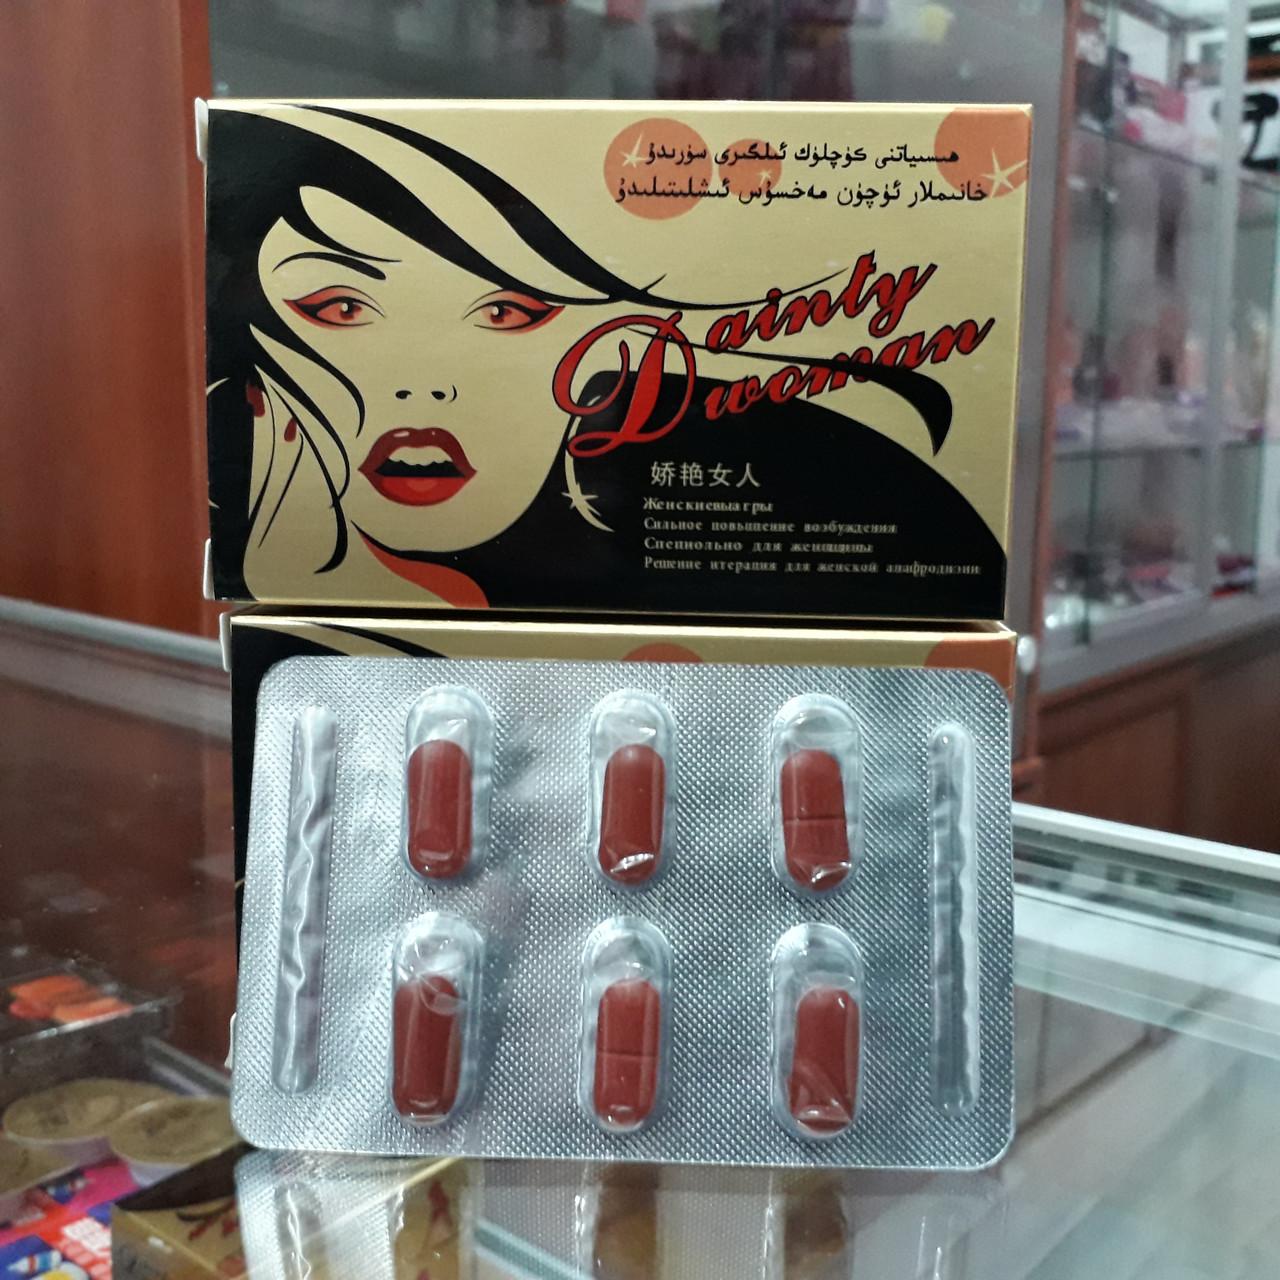 Dainly Woman - Женские капсулы для возбуждения - 6 шт